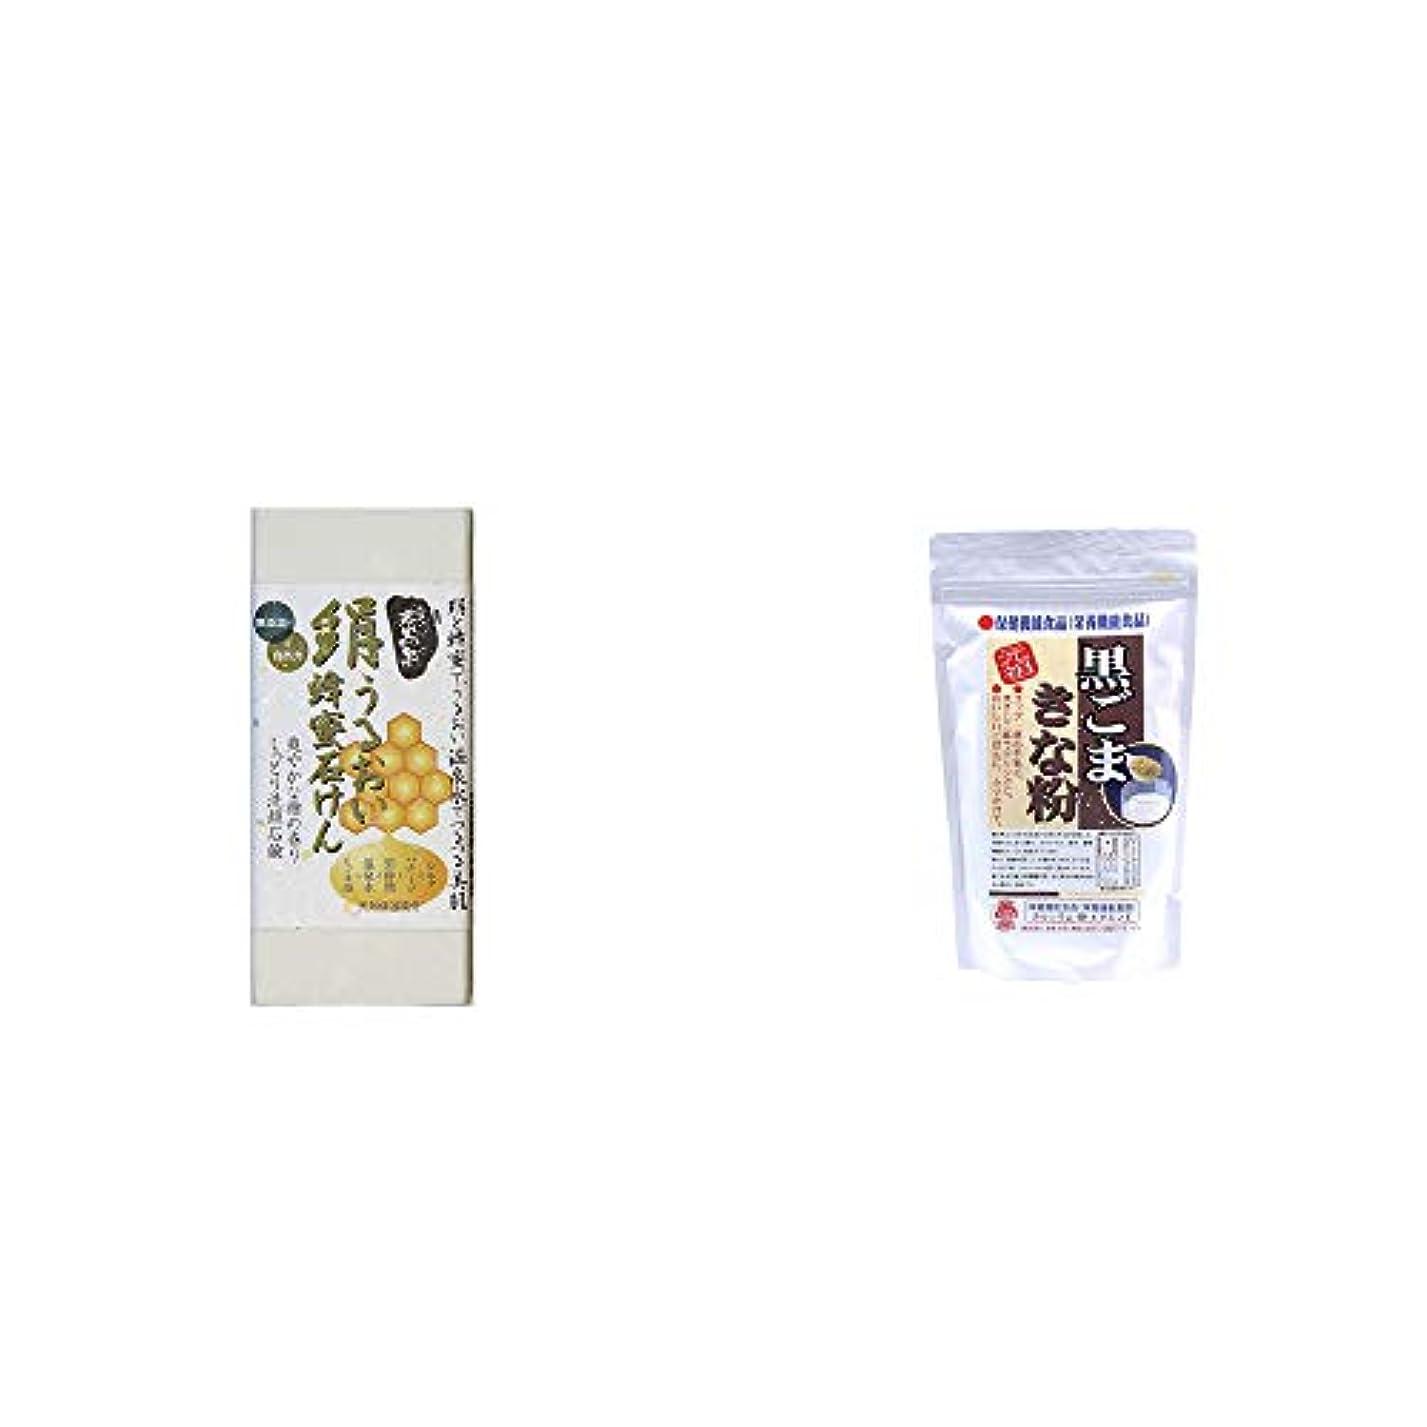 制約謙虚な芝生[2点セット] ひのき炭黒泉 絹うるおい蜂蜜石けん(75g×2)?黒ごまきな粉(270g)